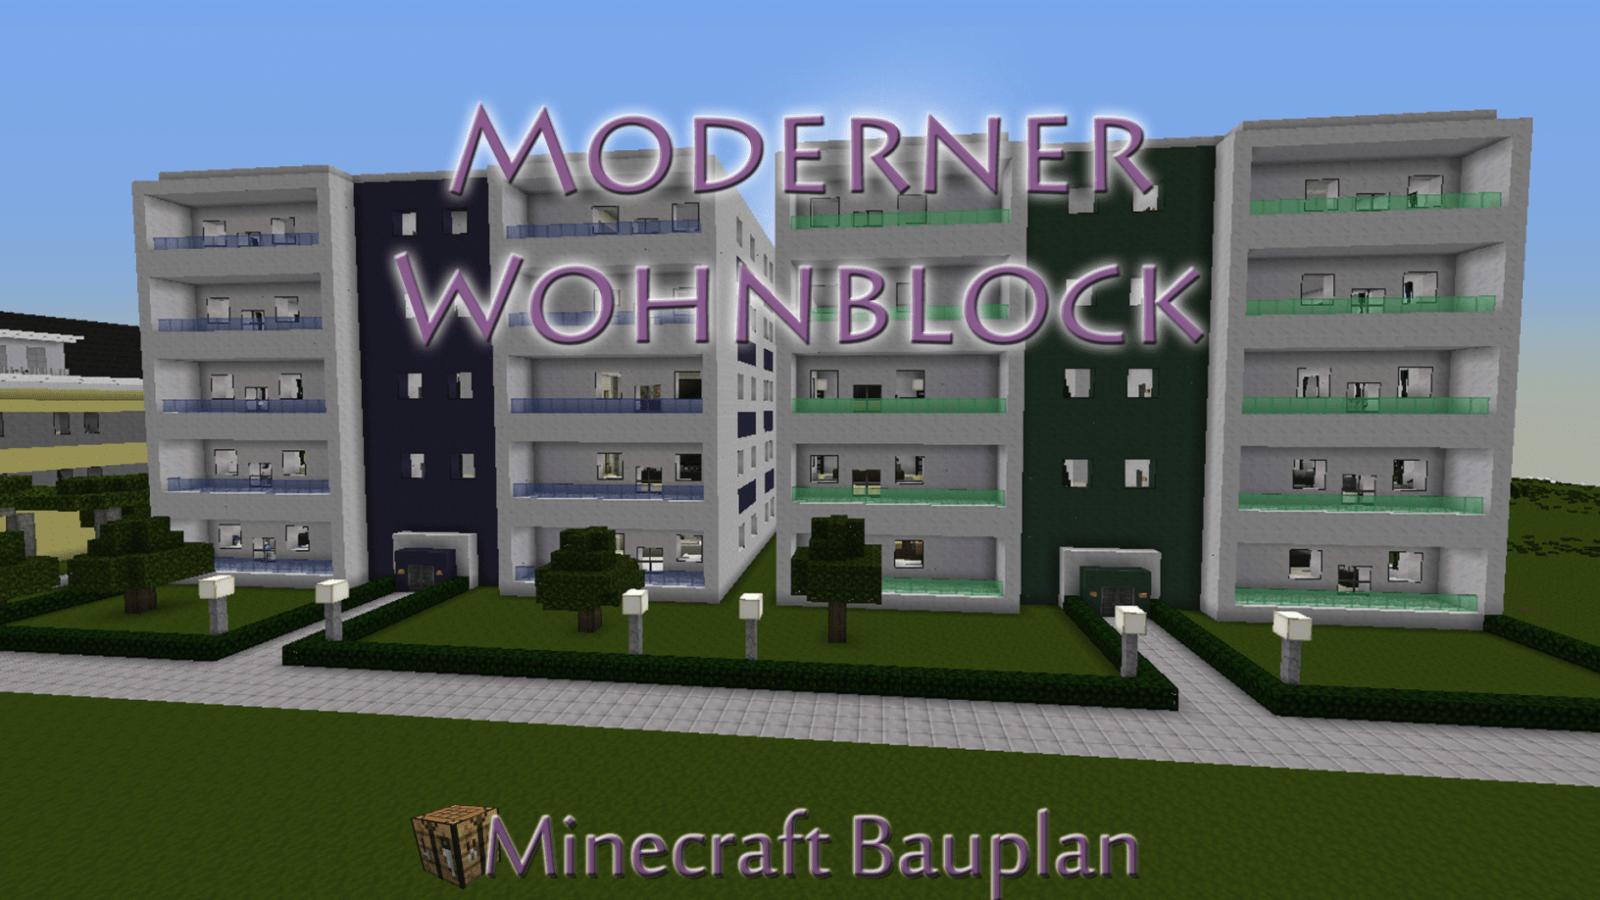 Moderne Häuser Minecraft Bauplan Mit Moderner Wohnblock Mulenja Co von Minecraft Villa Modern Bauplan Bild